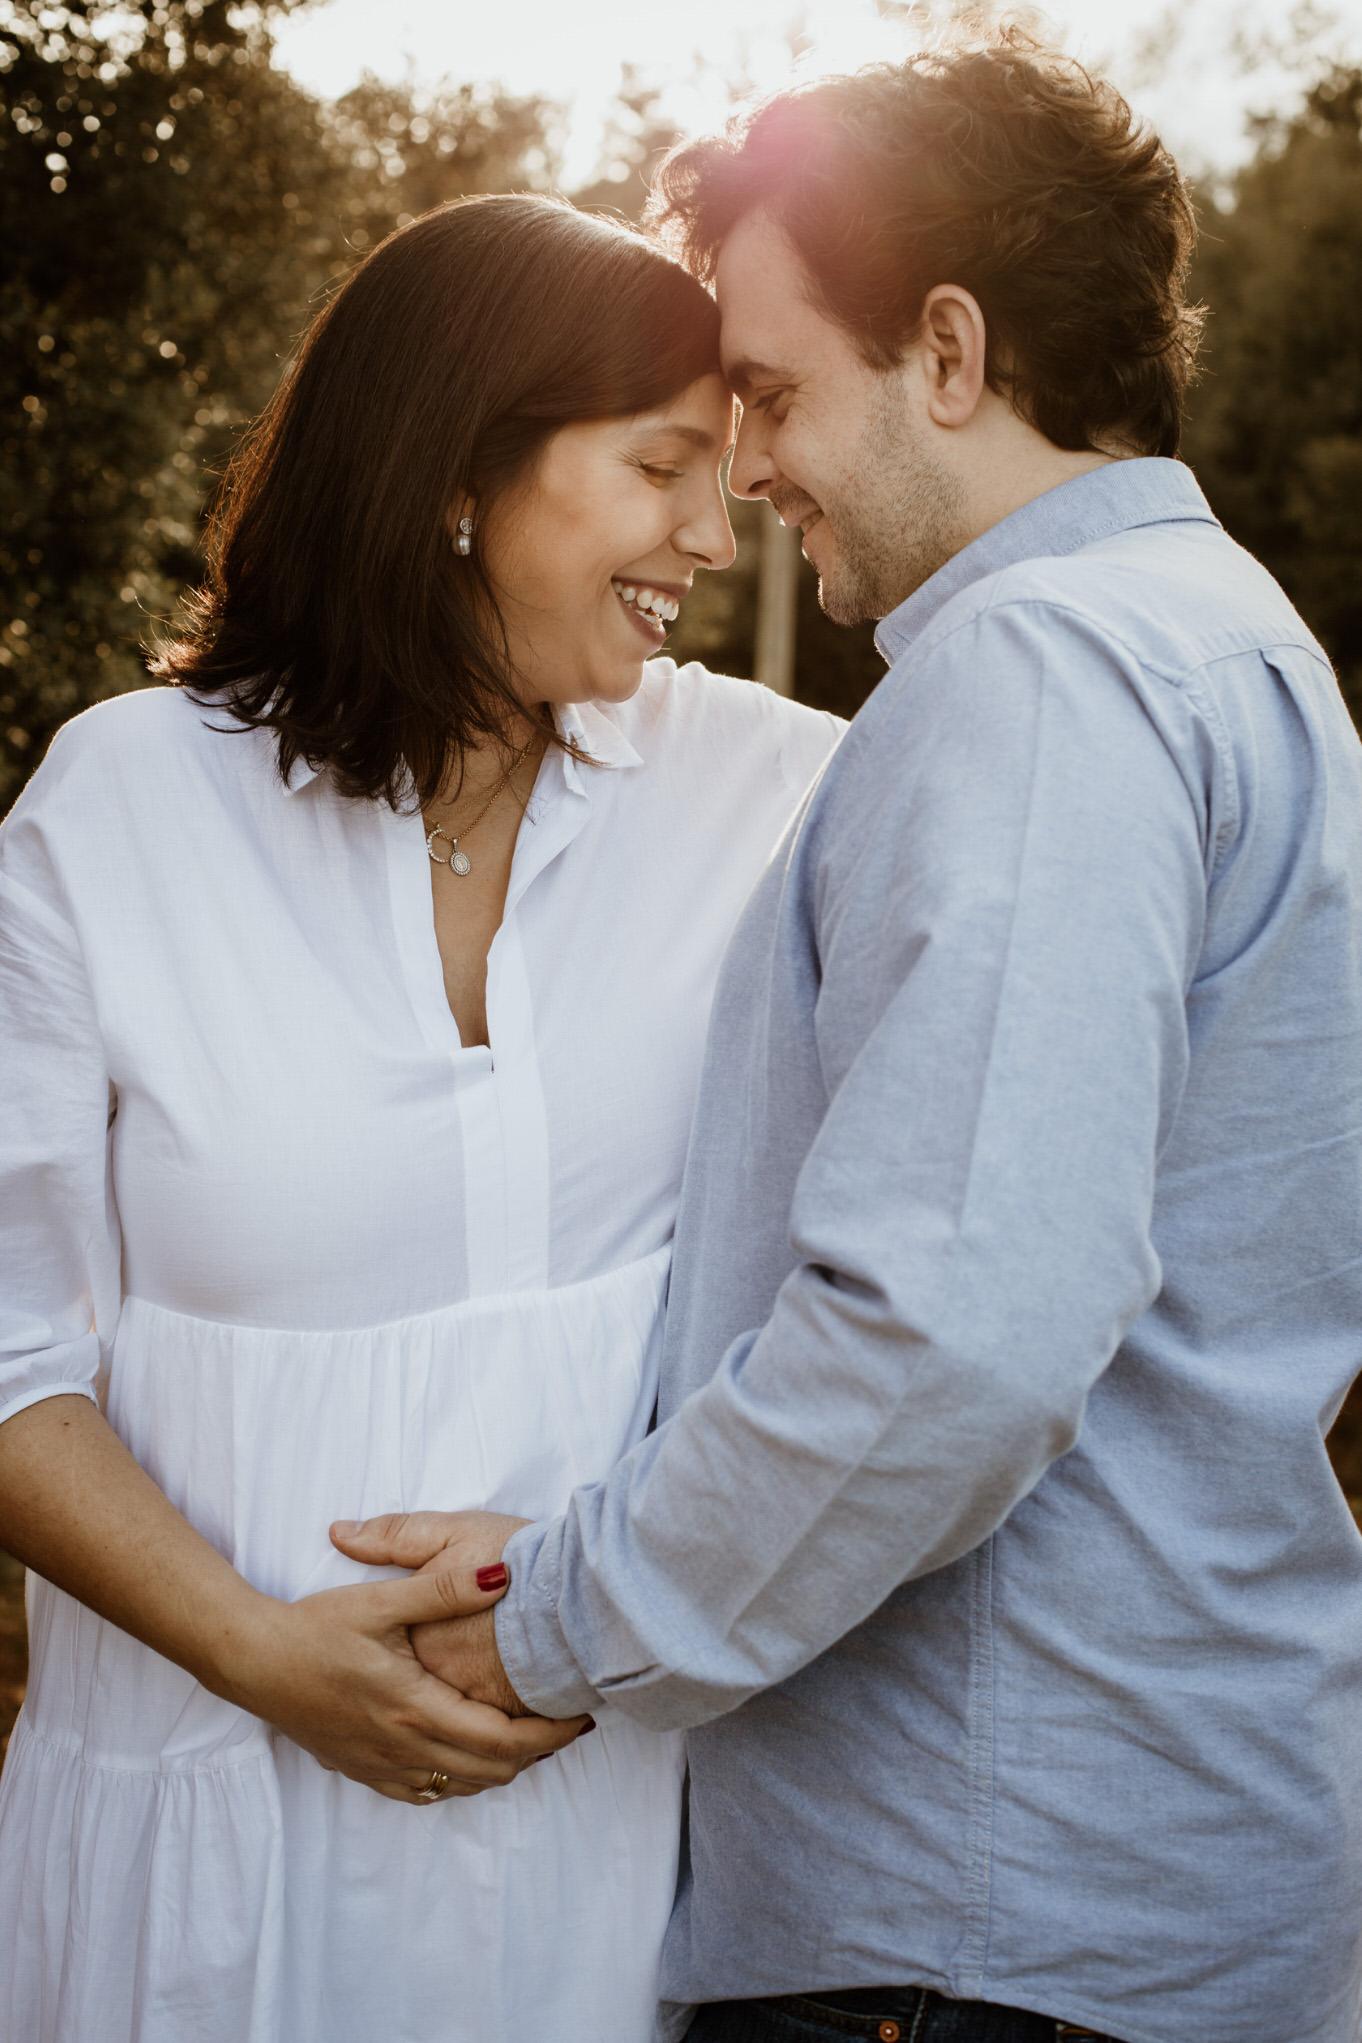 sesión de fotos de embarazada al aire libre, vestidos elegantes para embarazadas, imagenes para anunciar embarazo